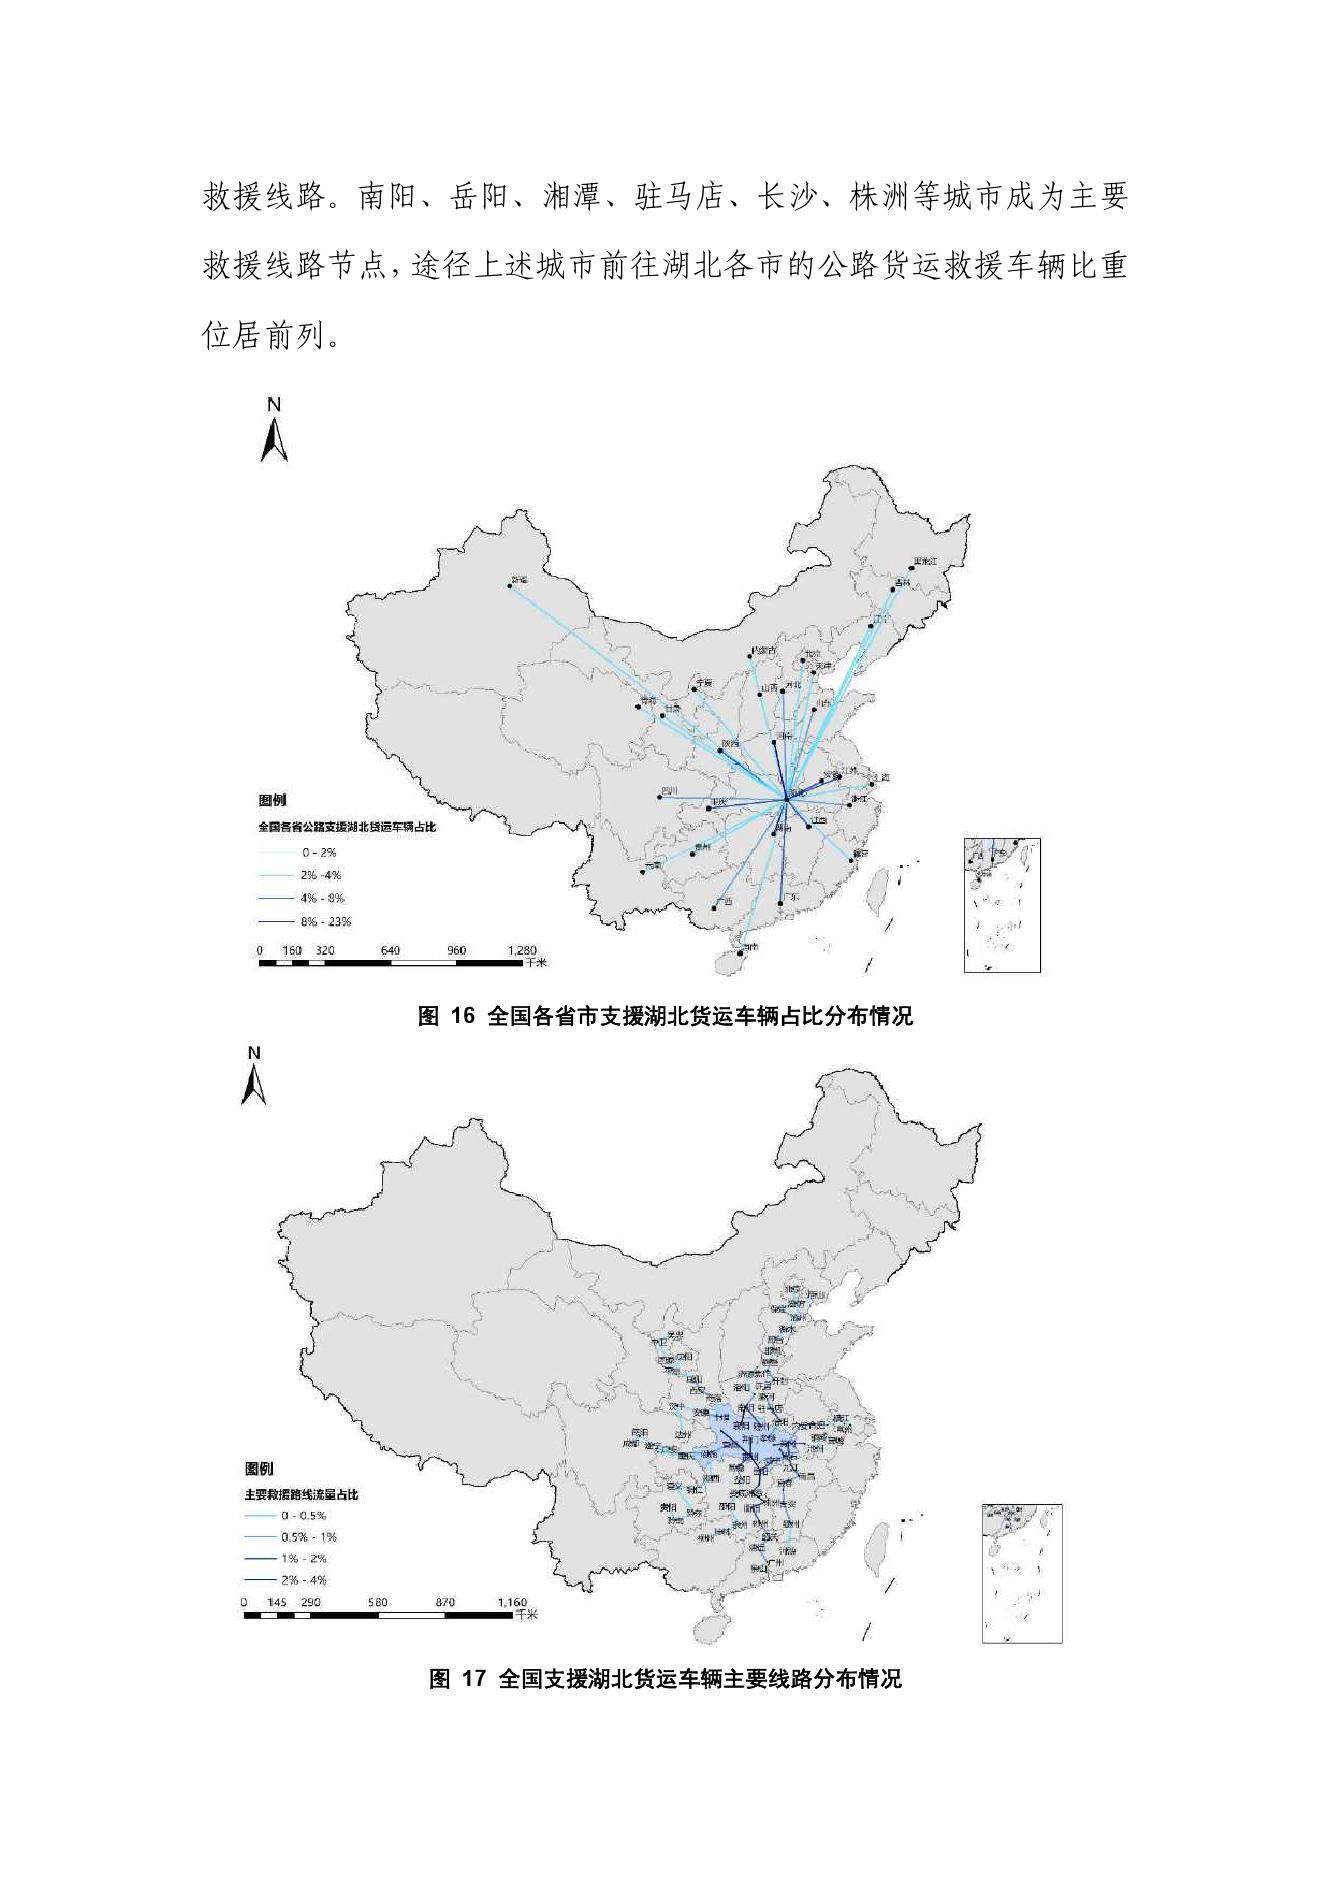 长安大学:中国公路货运疫情影响分析简报(可下载报告)插图(37)